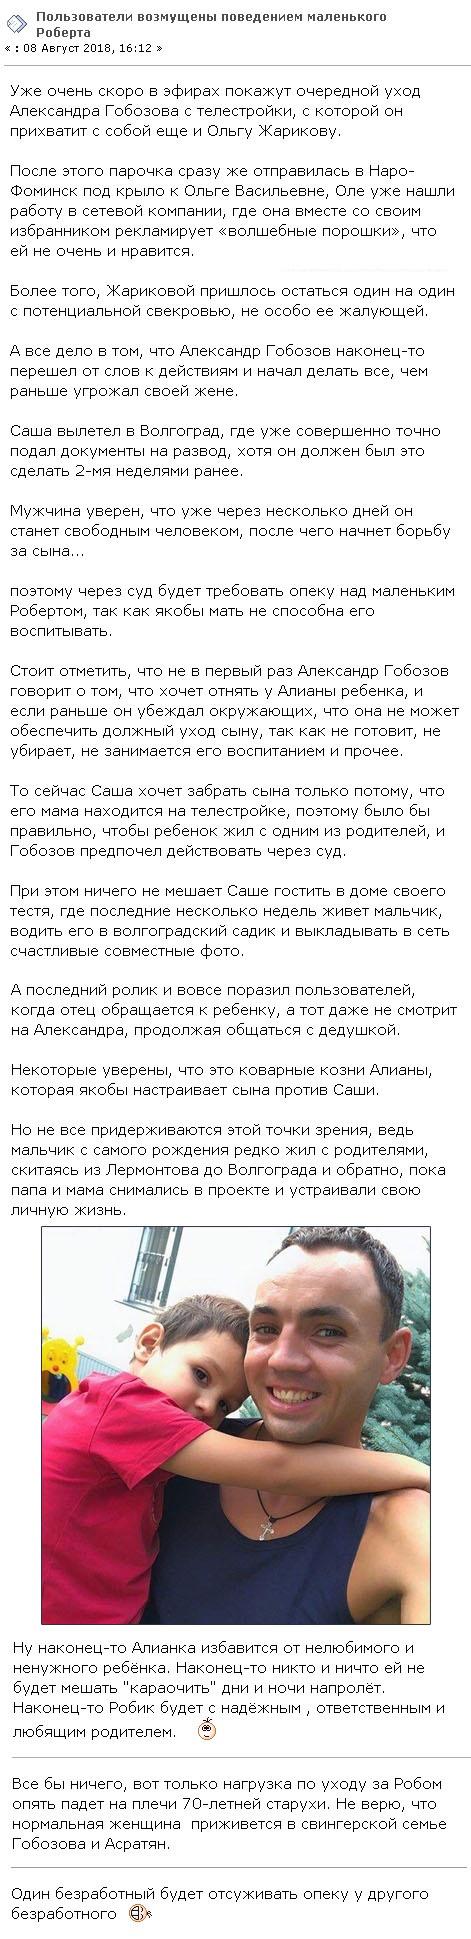 Александр Гобозов сдержал обещание данное Алиане Устиненко